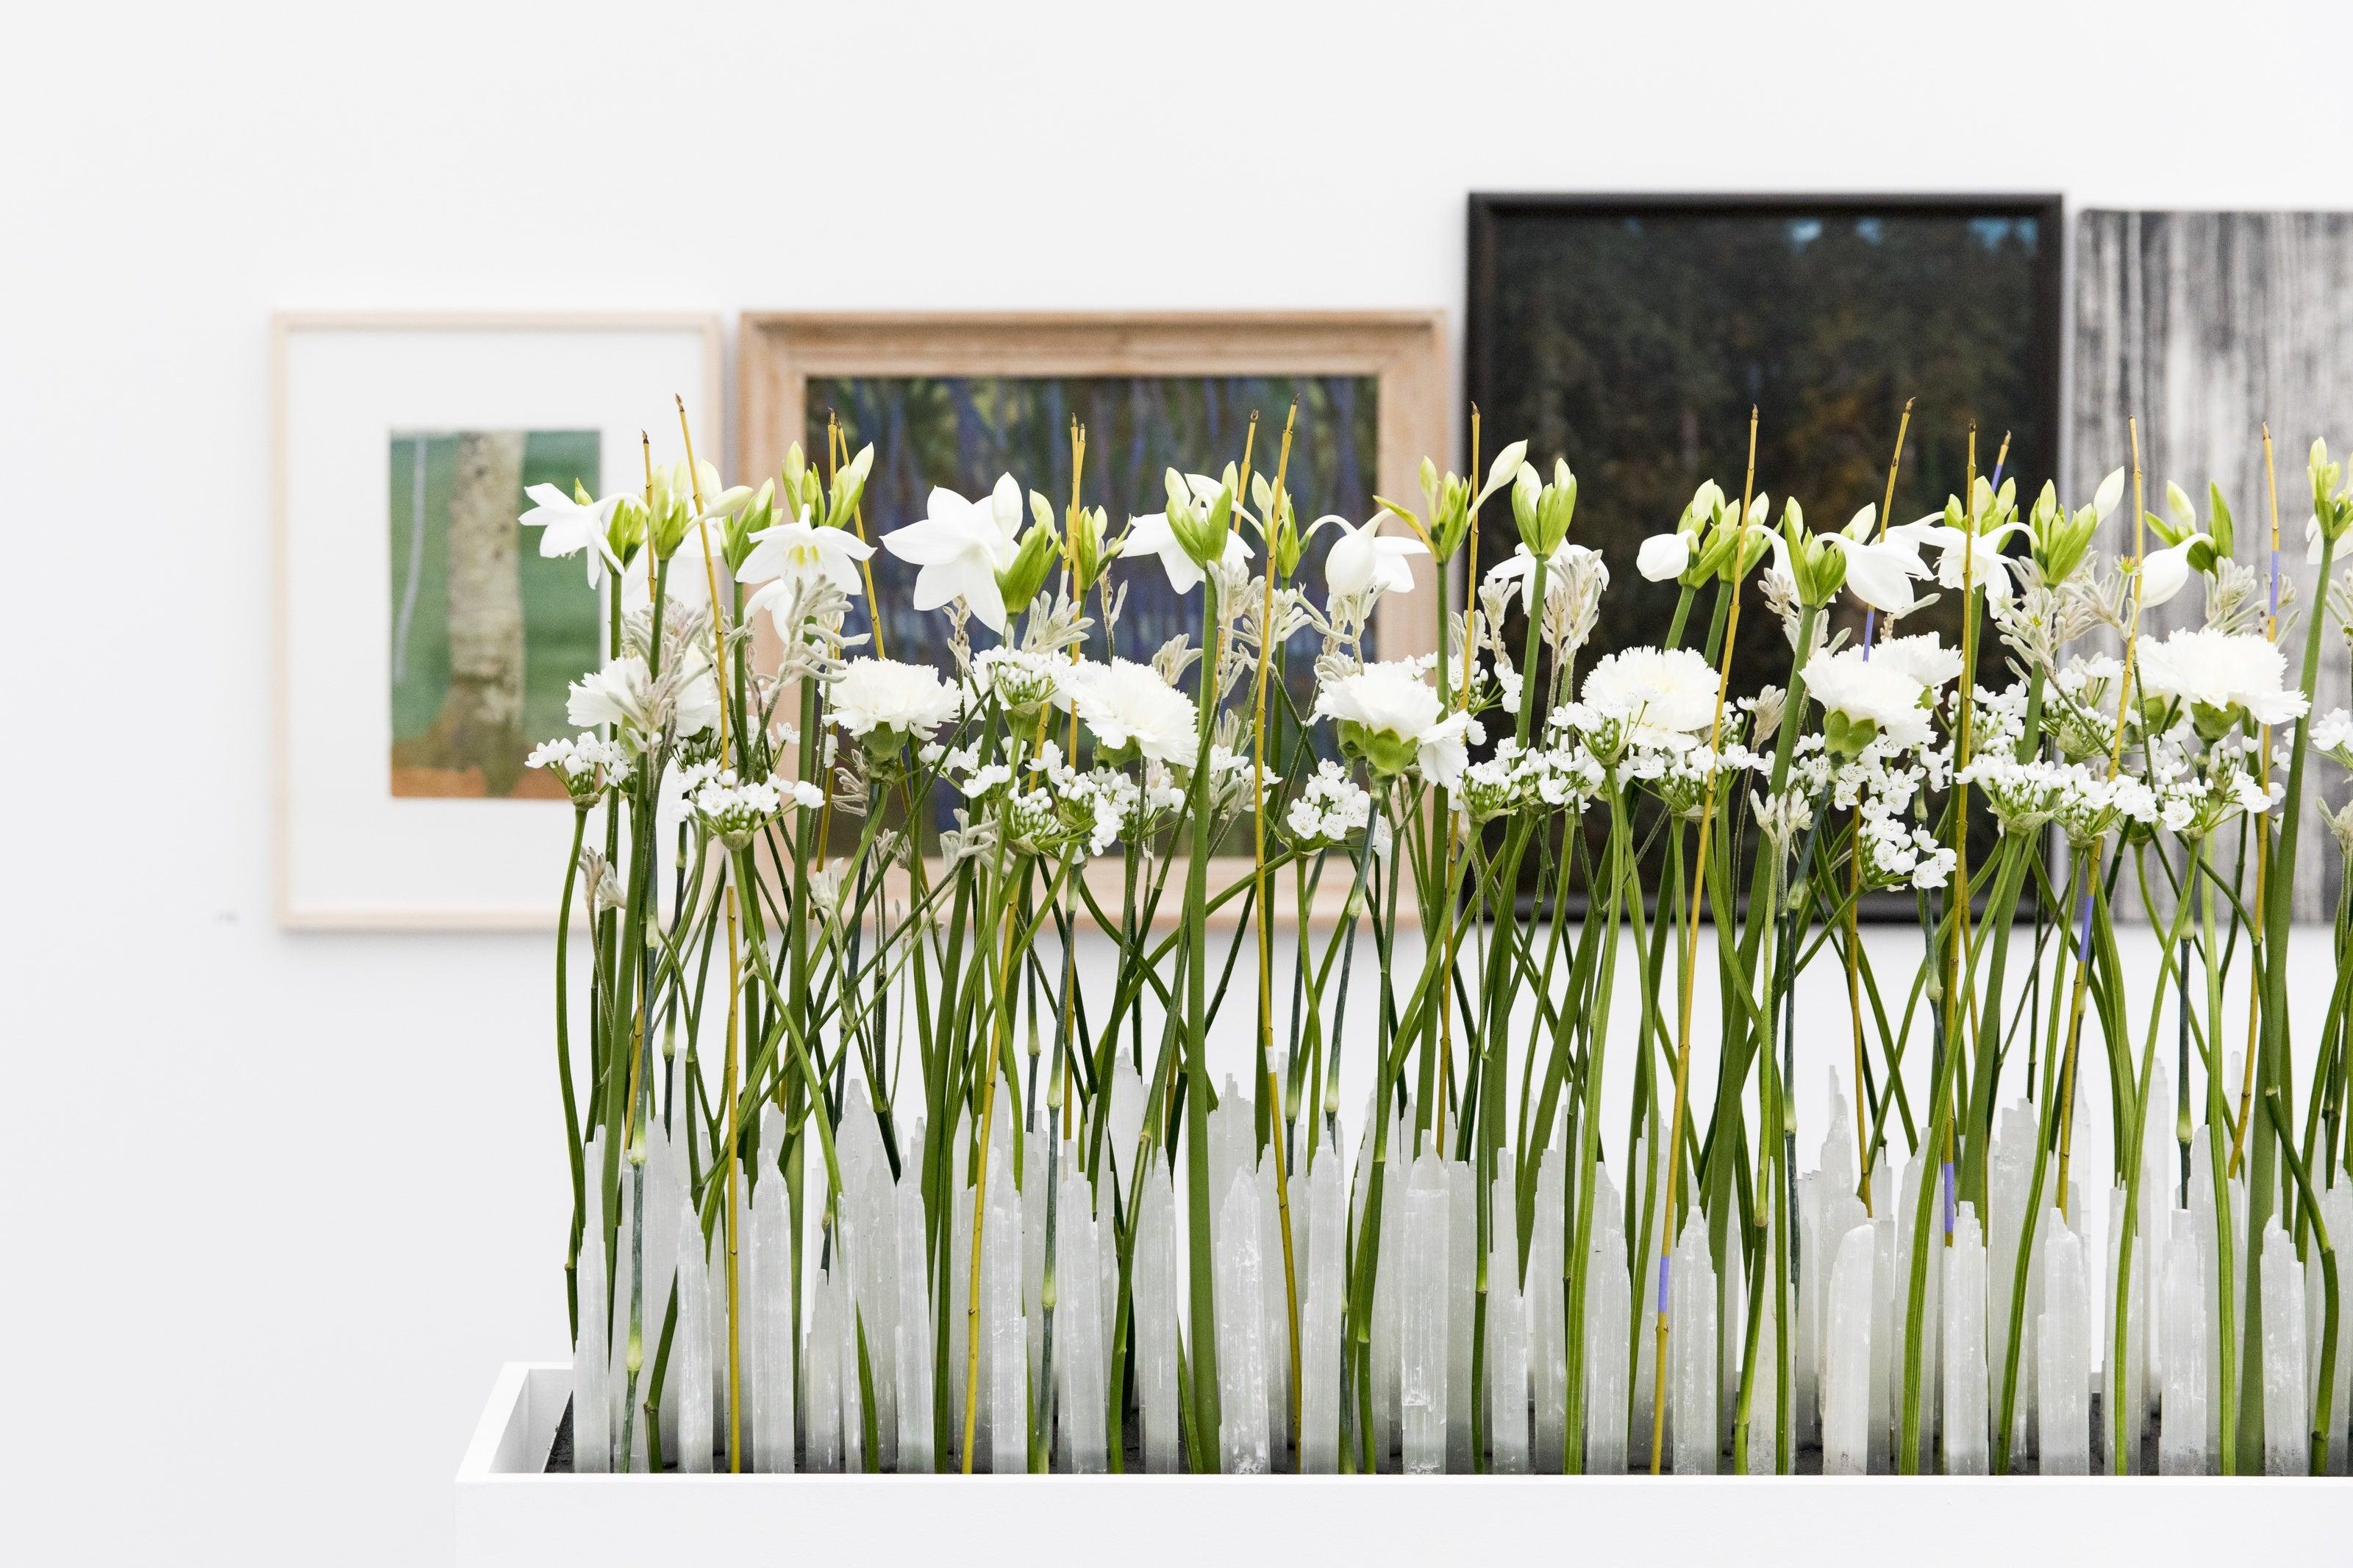 Aufbau Der Ausstellung Blumen Fur Die Kunst Im Aargauer Kunsthaus In Aarau Luzerner Zeitung